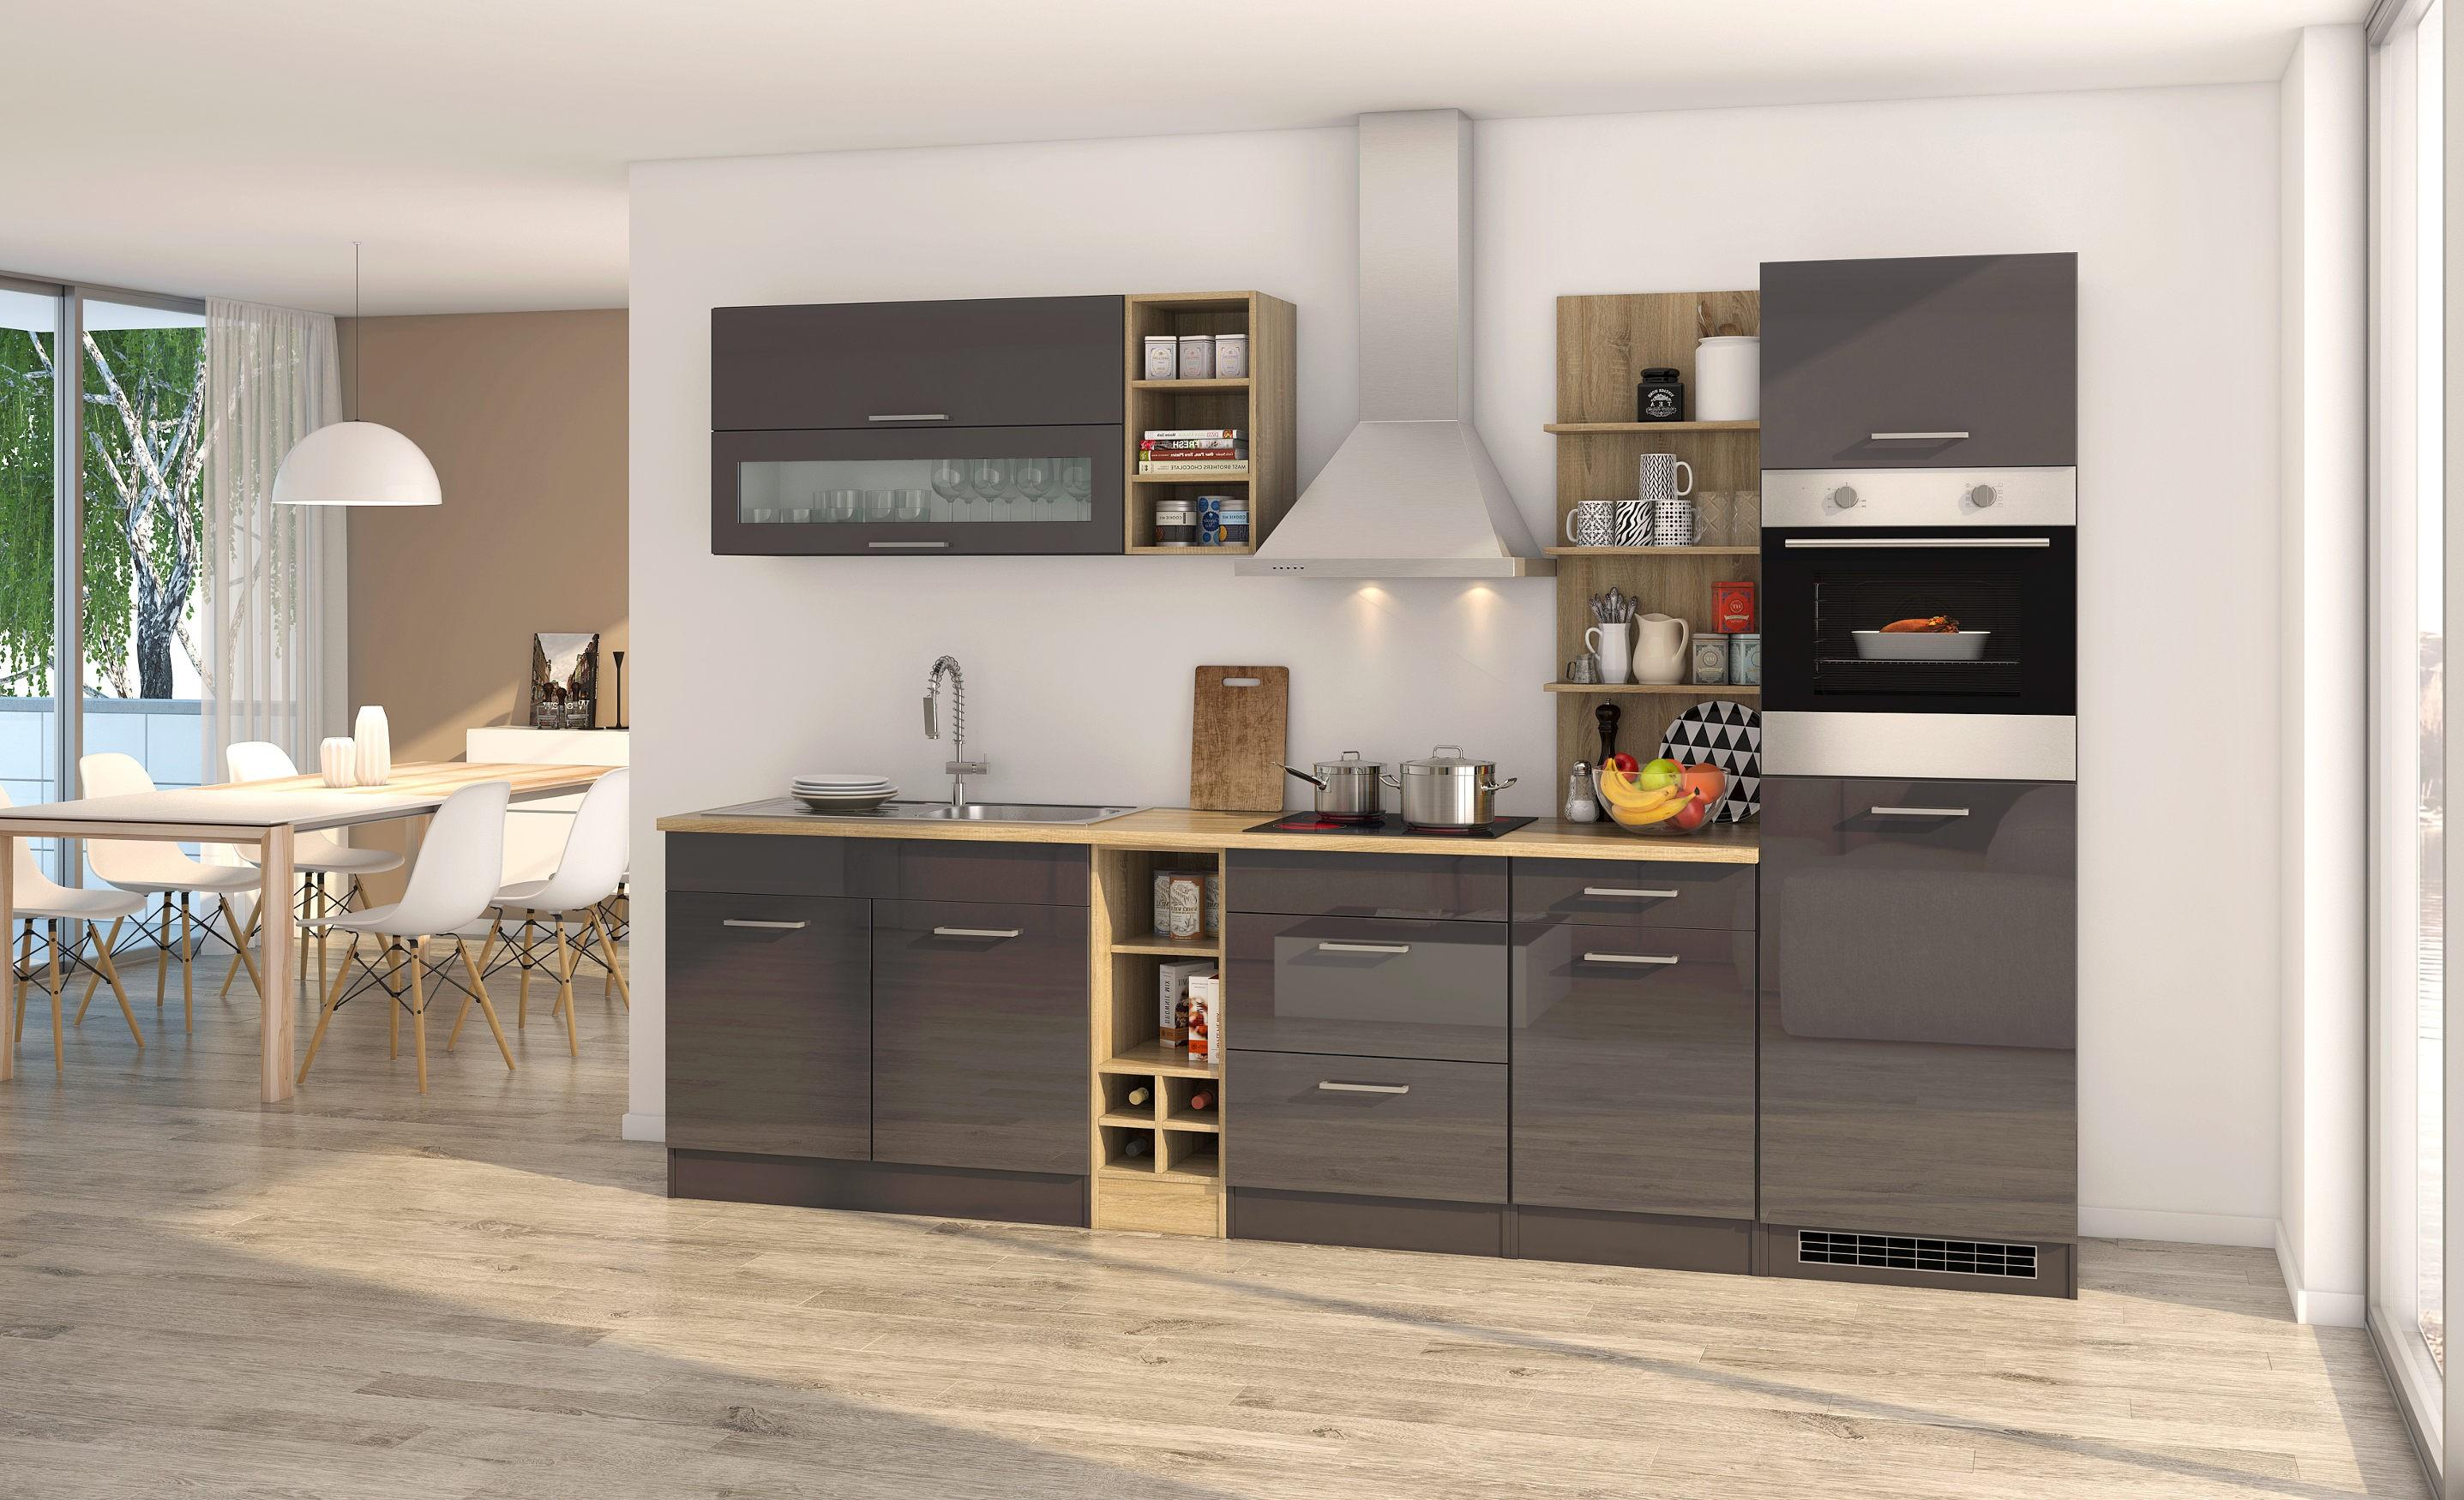 k chenblock m nchen k chenzeile mit elektroger ten 300 cm grau graphit ebay. Black Bedroom Furniture Sets. Home Design Ideas